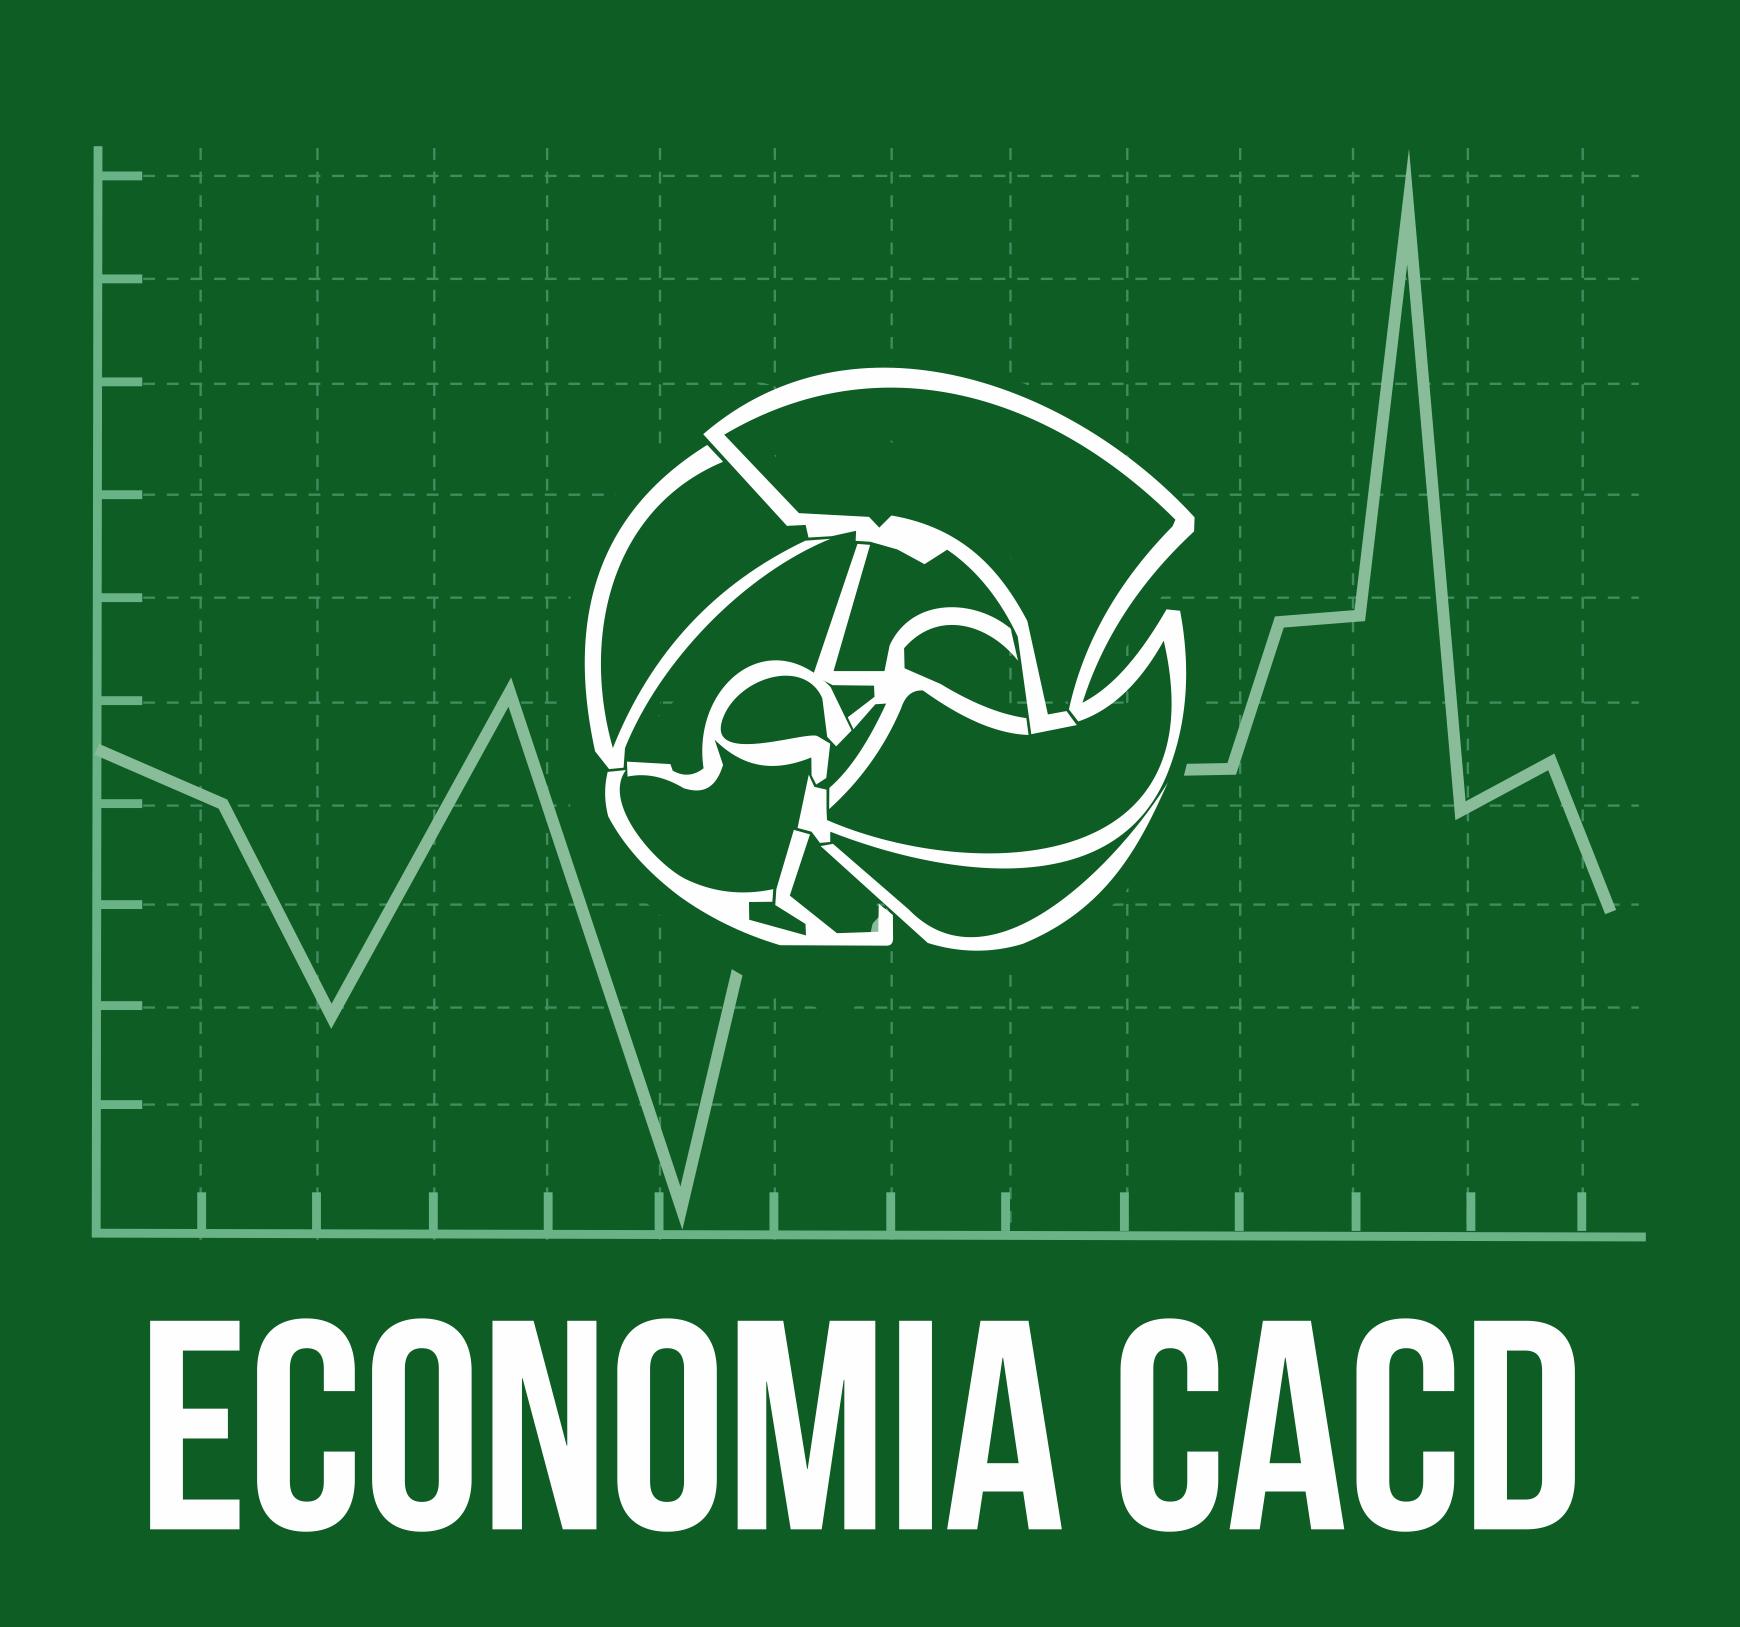 Logo economia cacd fundo verde